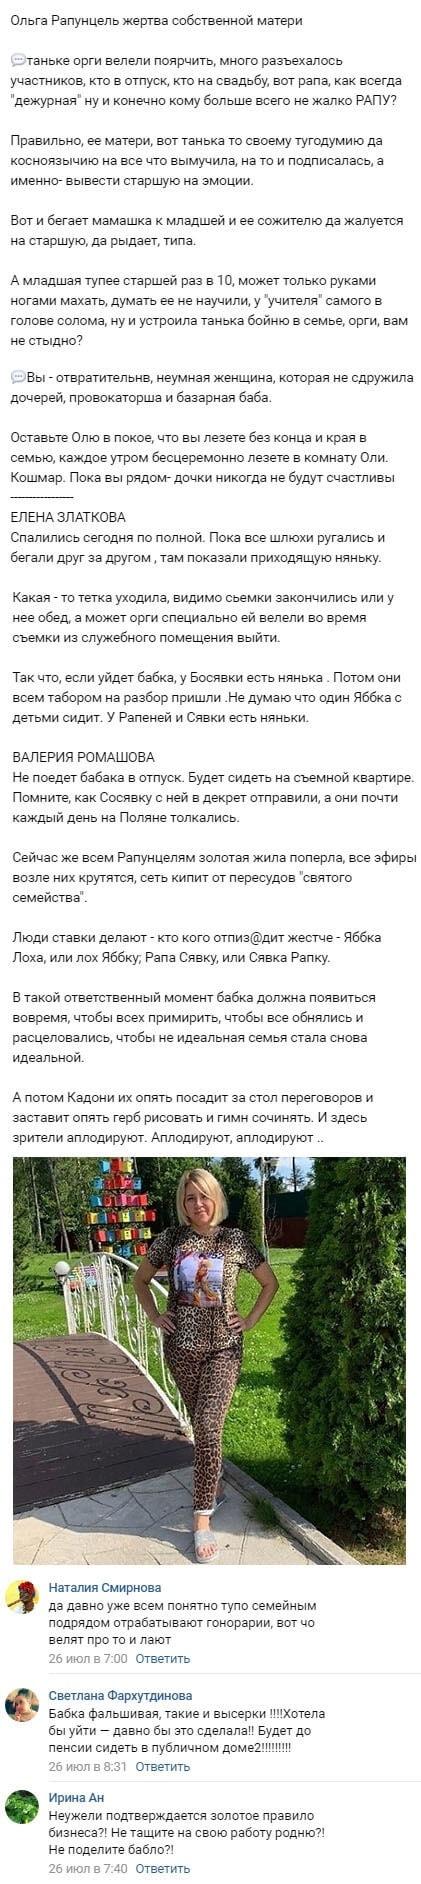 Почему Татьяна Григорьевская резко возненавидела старшую дочь